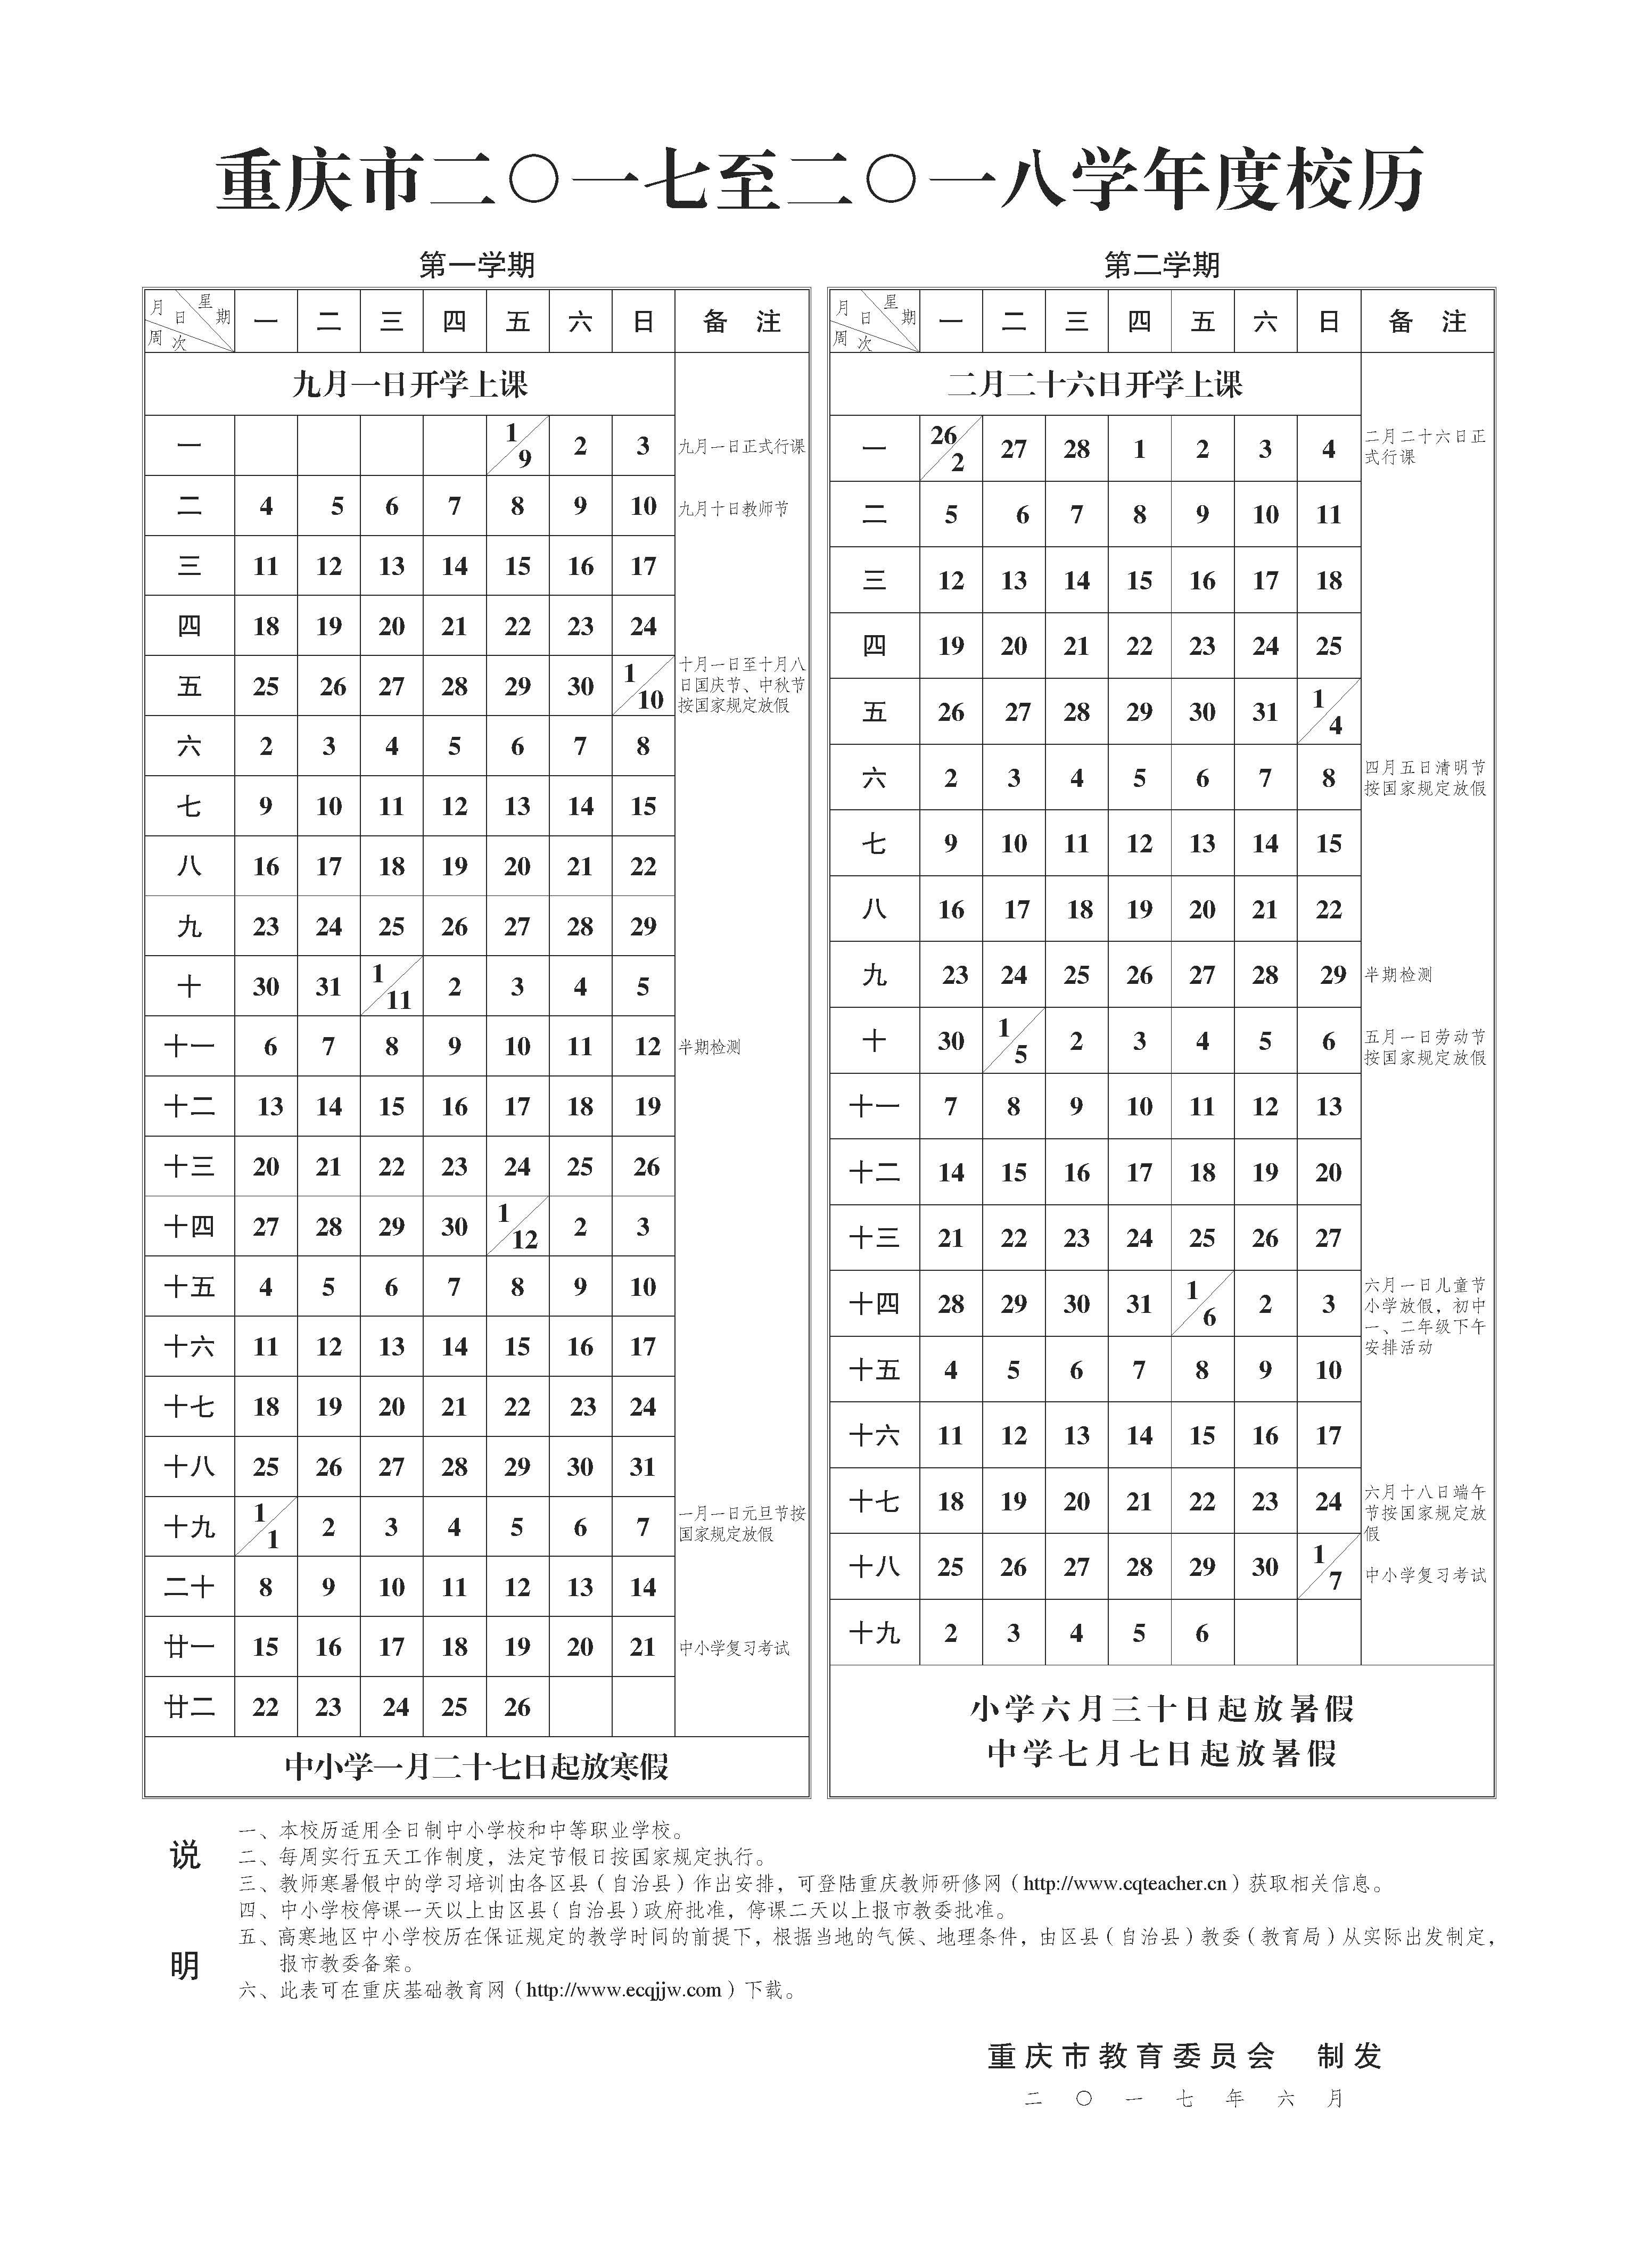 重庆中小学生2017-2018学年度校历